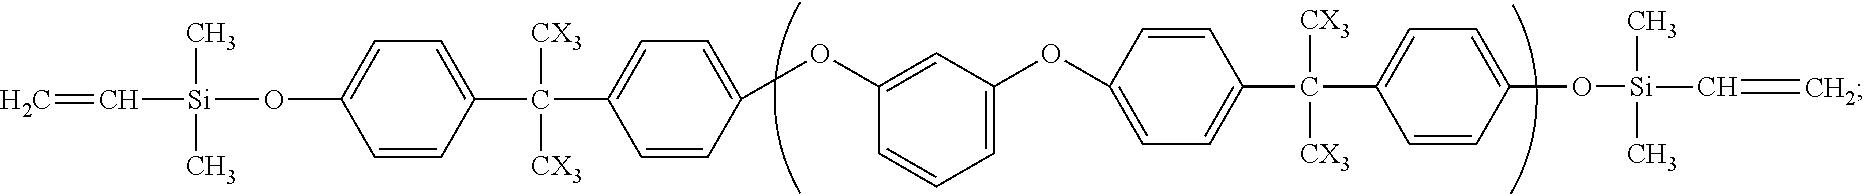 Figure US20100022693A1-20100128-C00015